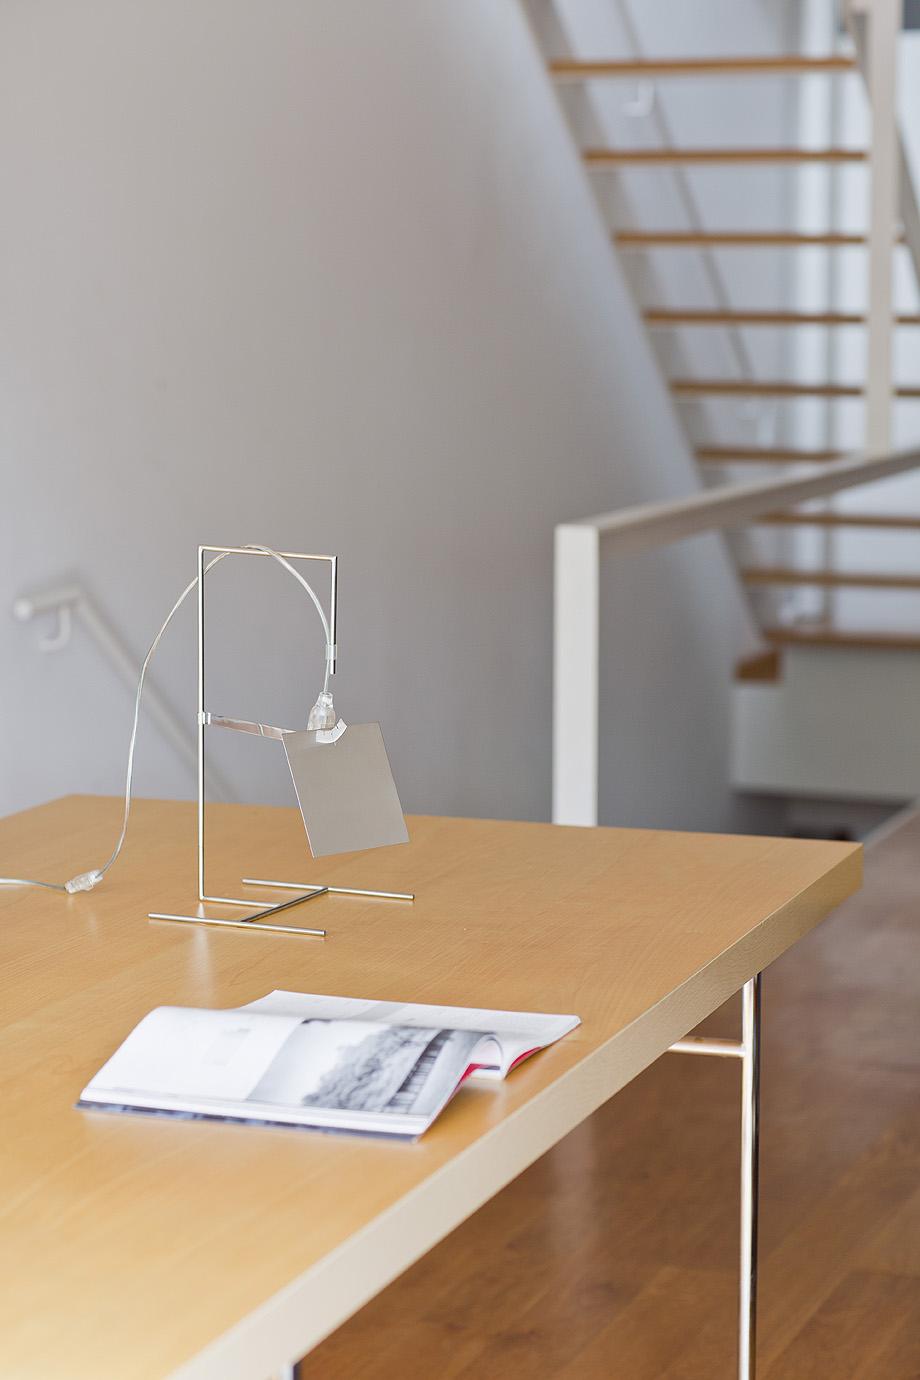 lampara fil alvaro siza vieira mobles 114 (1)